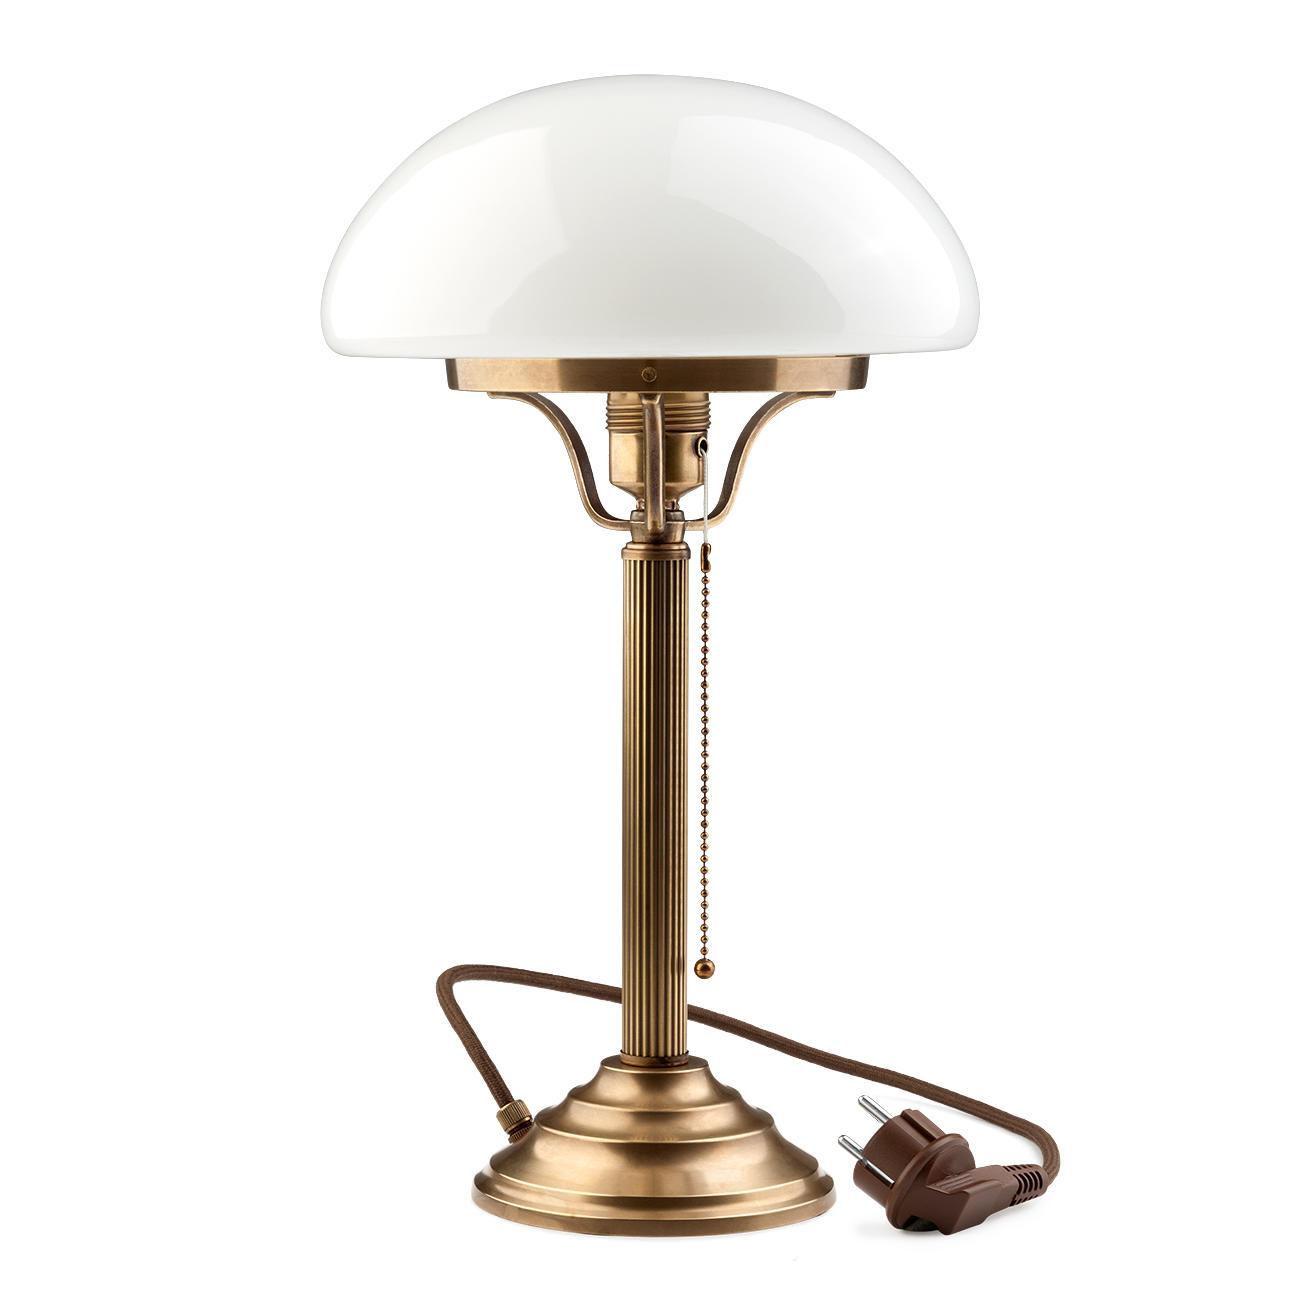 Antik Weiss Petroleumlampen Schirm